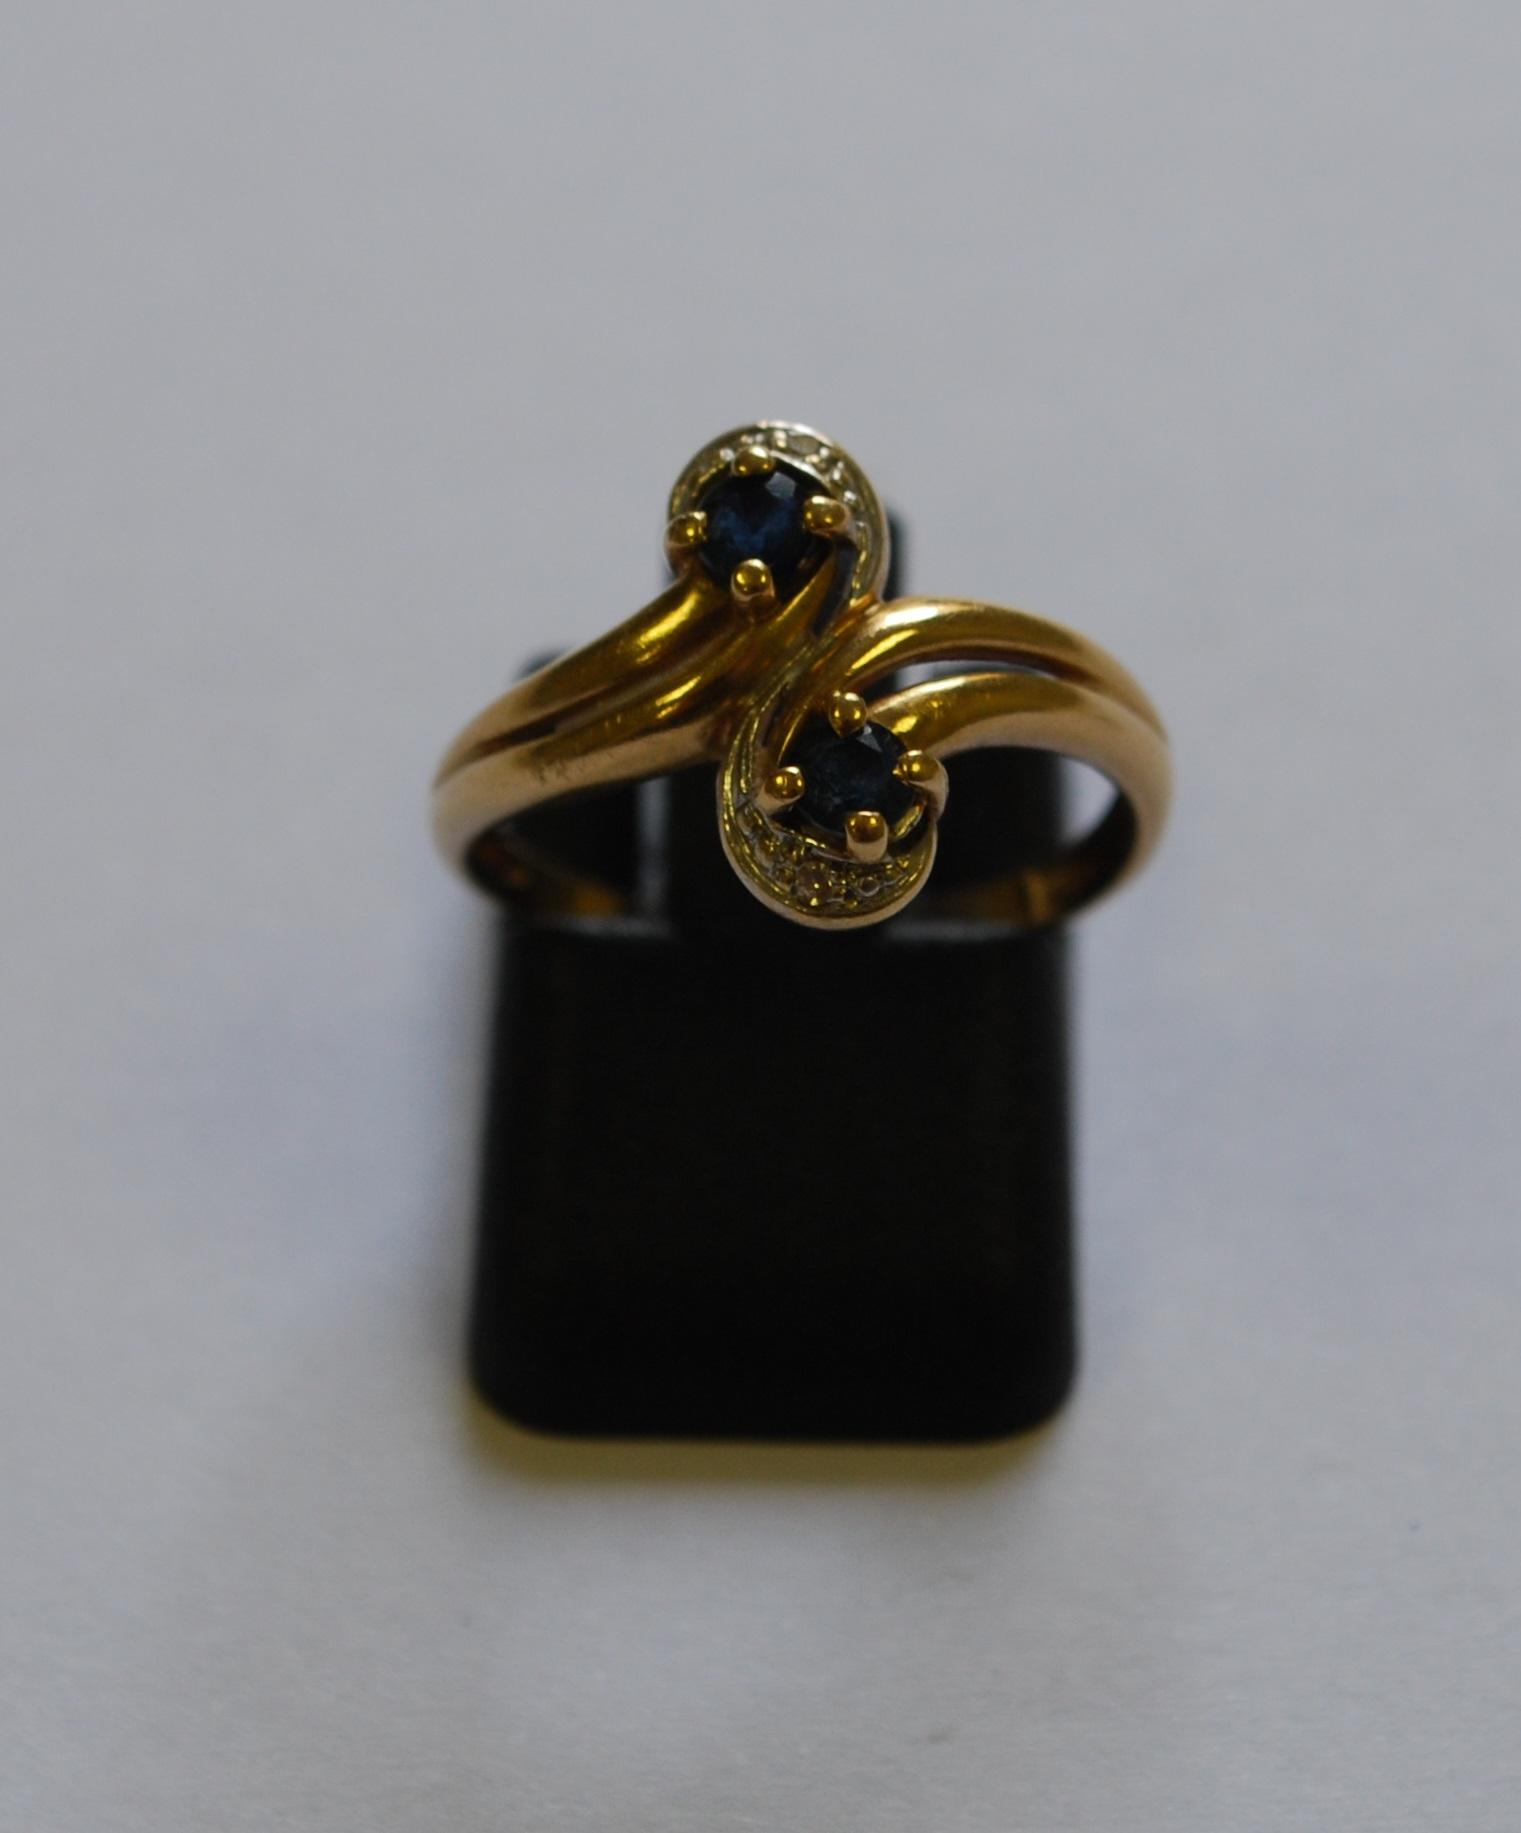 bague toi et moi or jaune termin e par 2 saphirs soulign s d 39 un petit diamant bijoux et. Black Bedroom Furniture Sets. Home Design Ideas